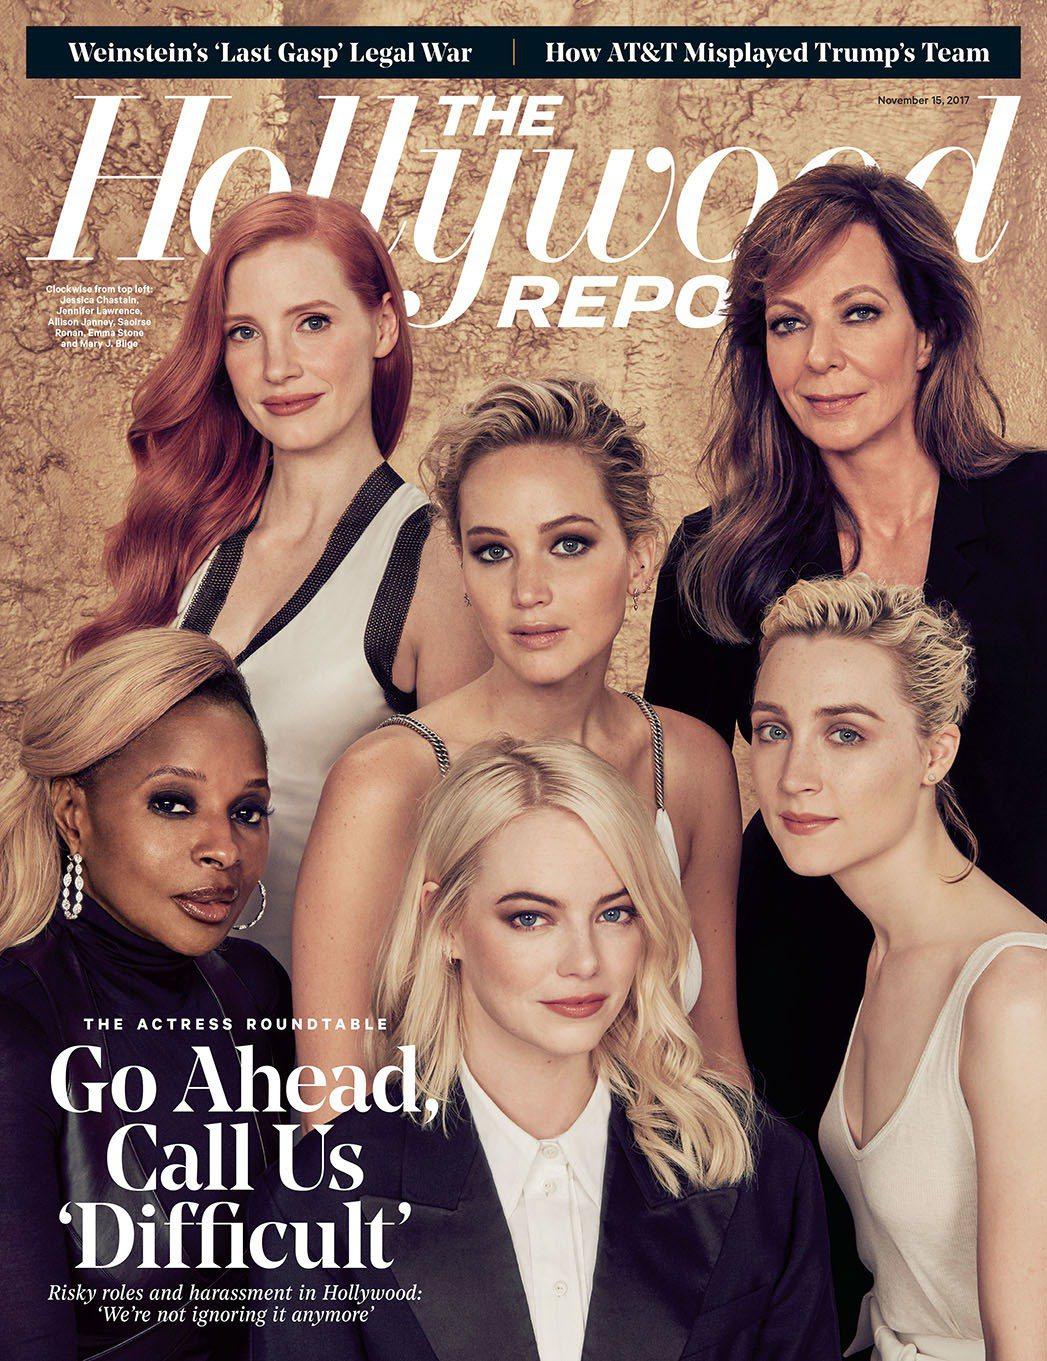 瑪莉布萊姬(前排左起)、艾瑪史東、瑟莎羅南、潔西卡雀絲坦(後排左起)、珍妮佛勞倫...